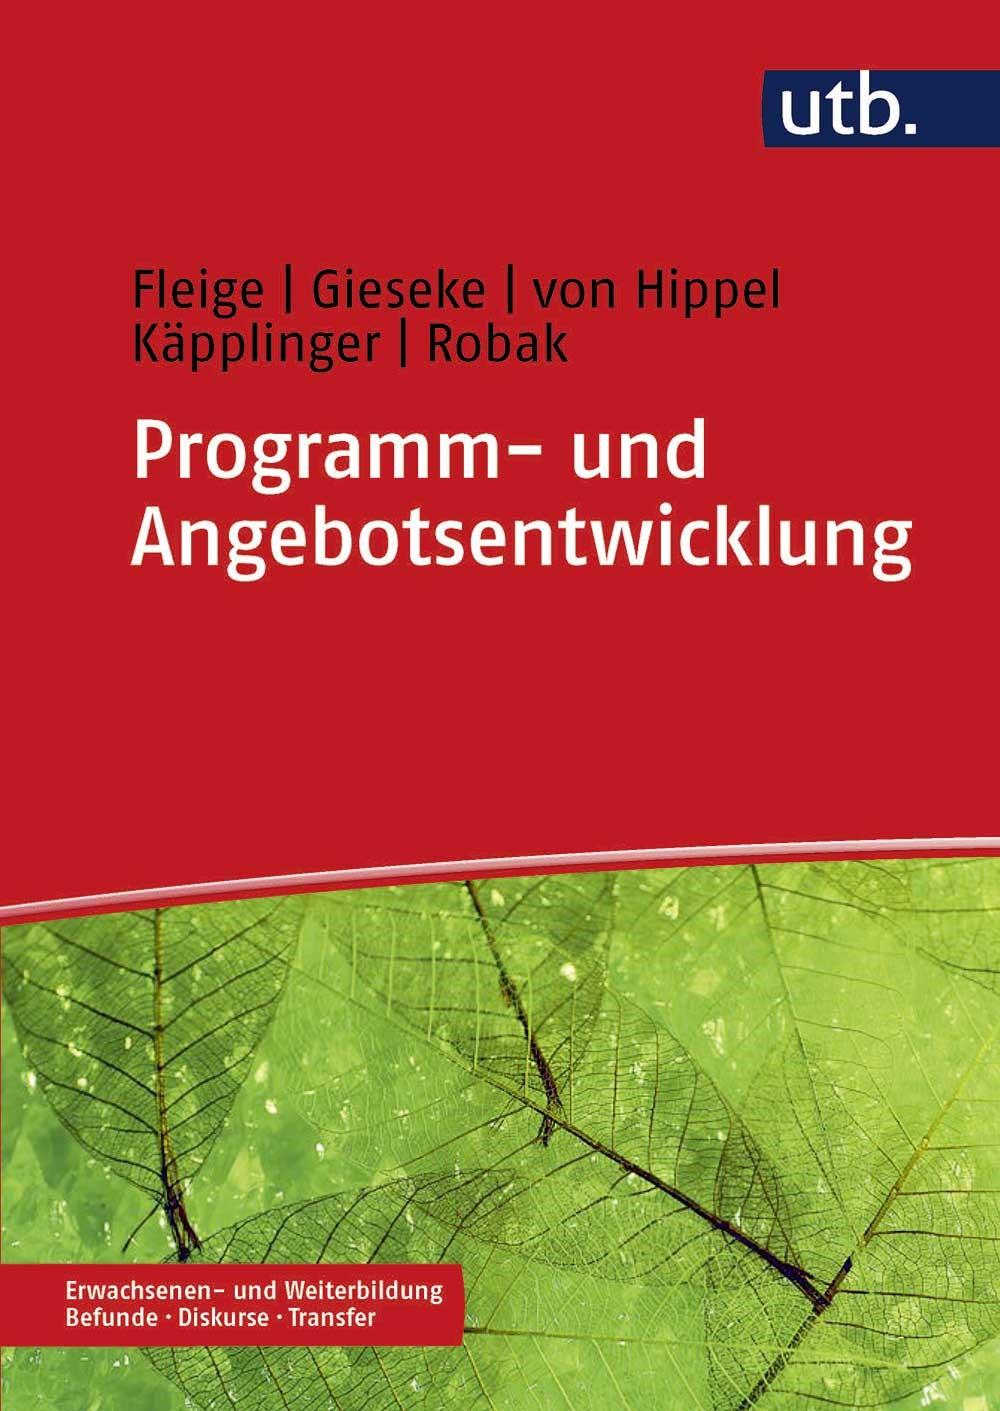 Programm- und Angebotsentwicklung | Käpplinger / Robak / von Hippel / Gieseke, 2018 | Buch (Cover)